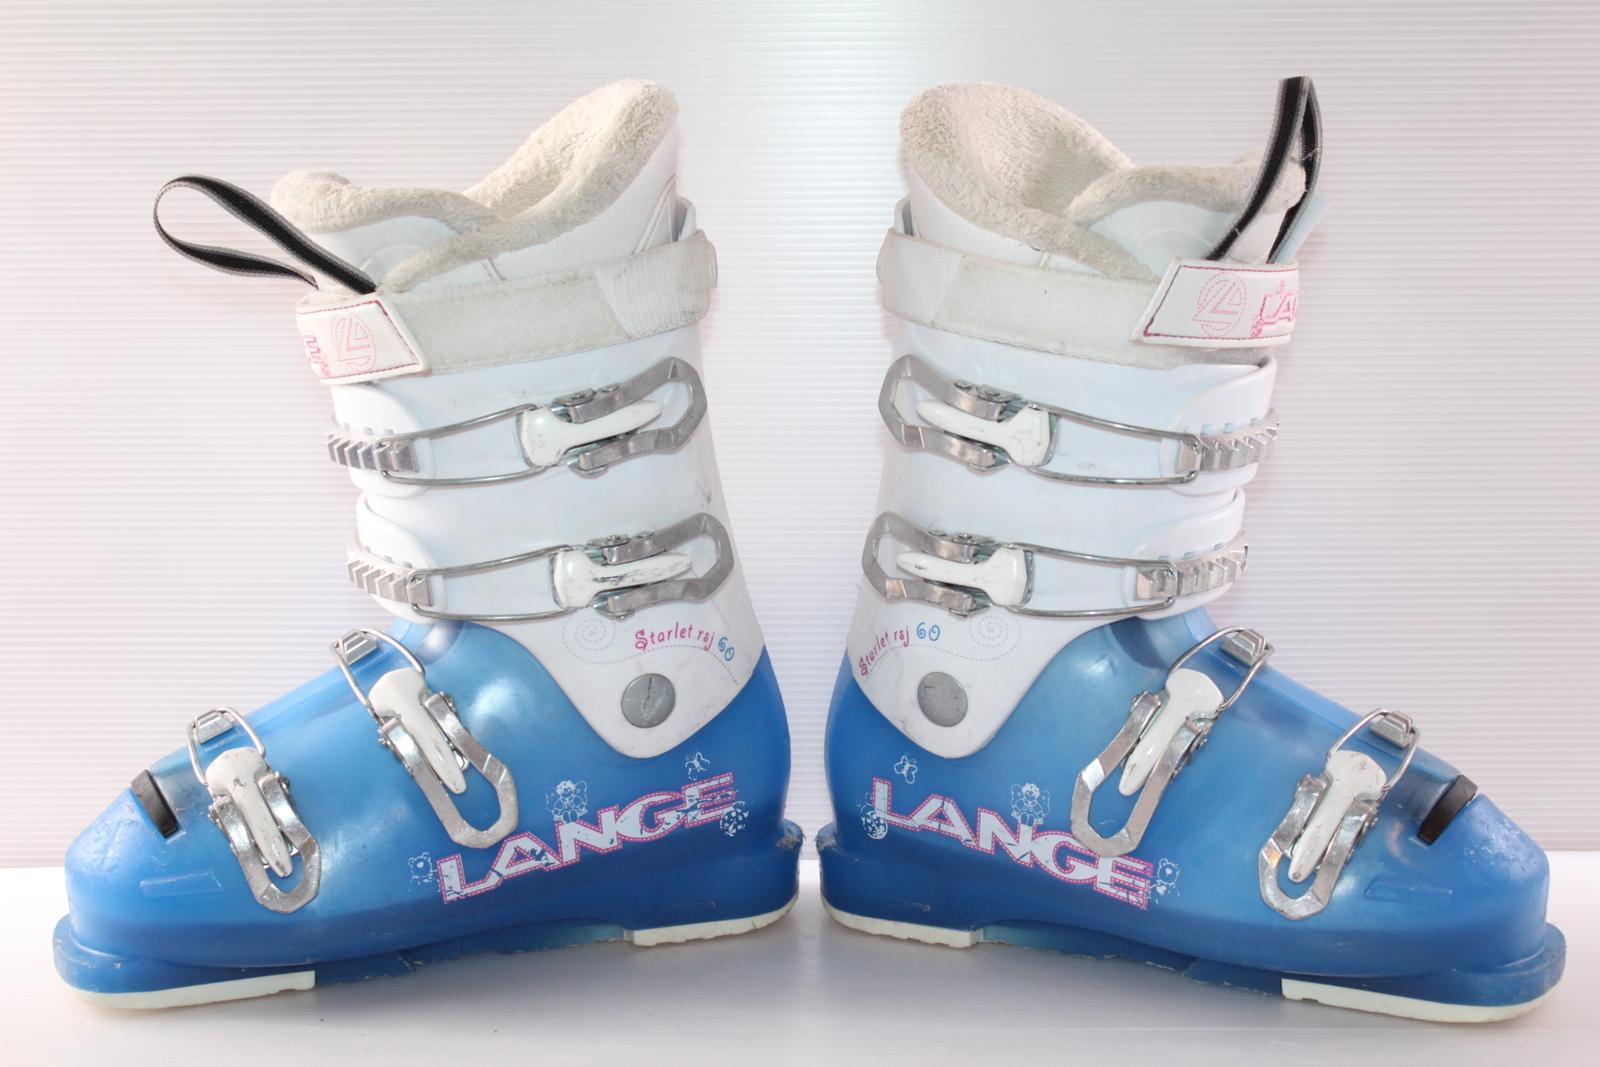 Dívčí lyžáky Lange Starlet Rsj 60 vel. EU37